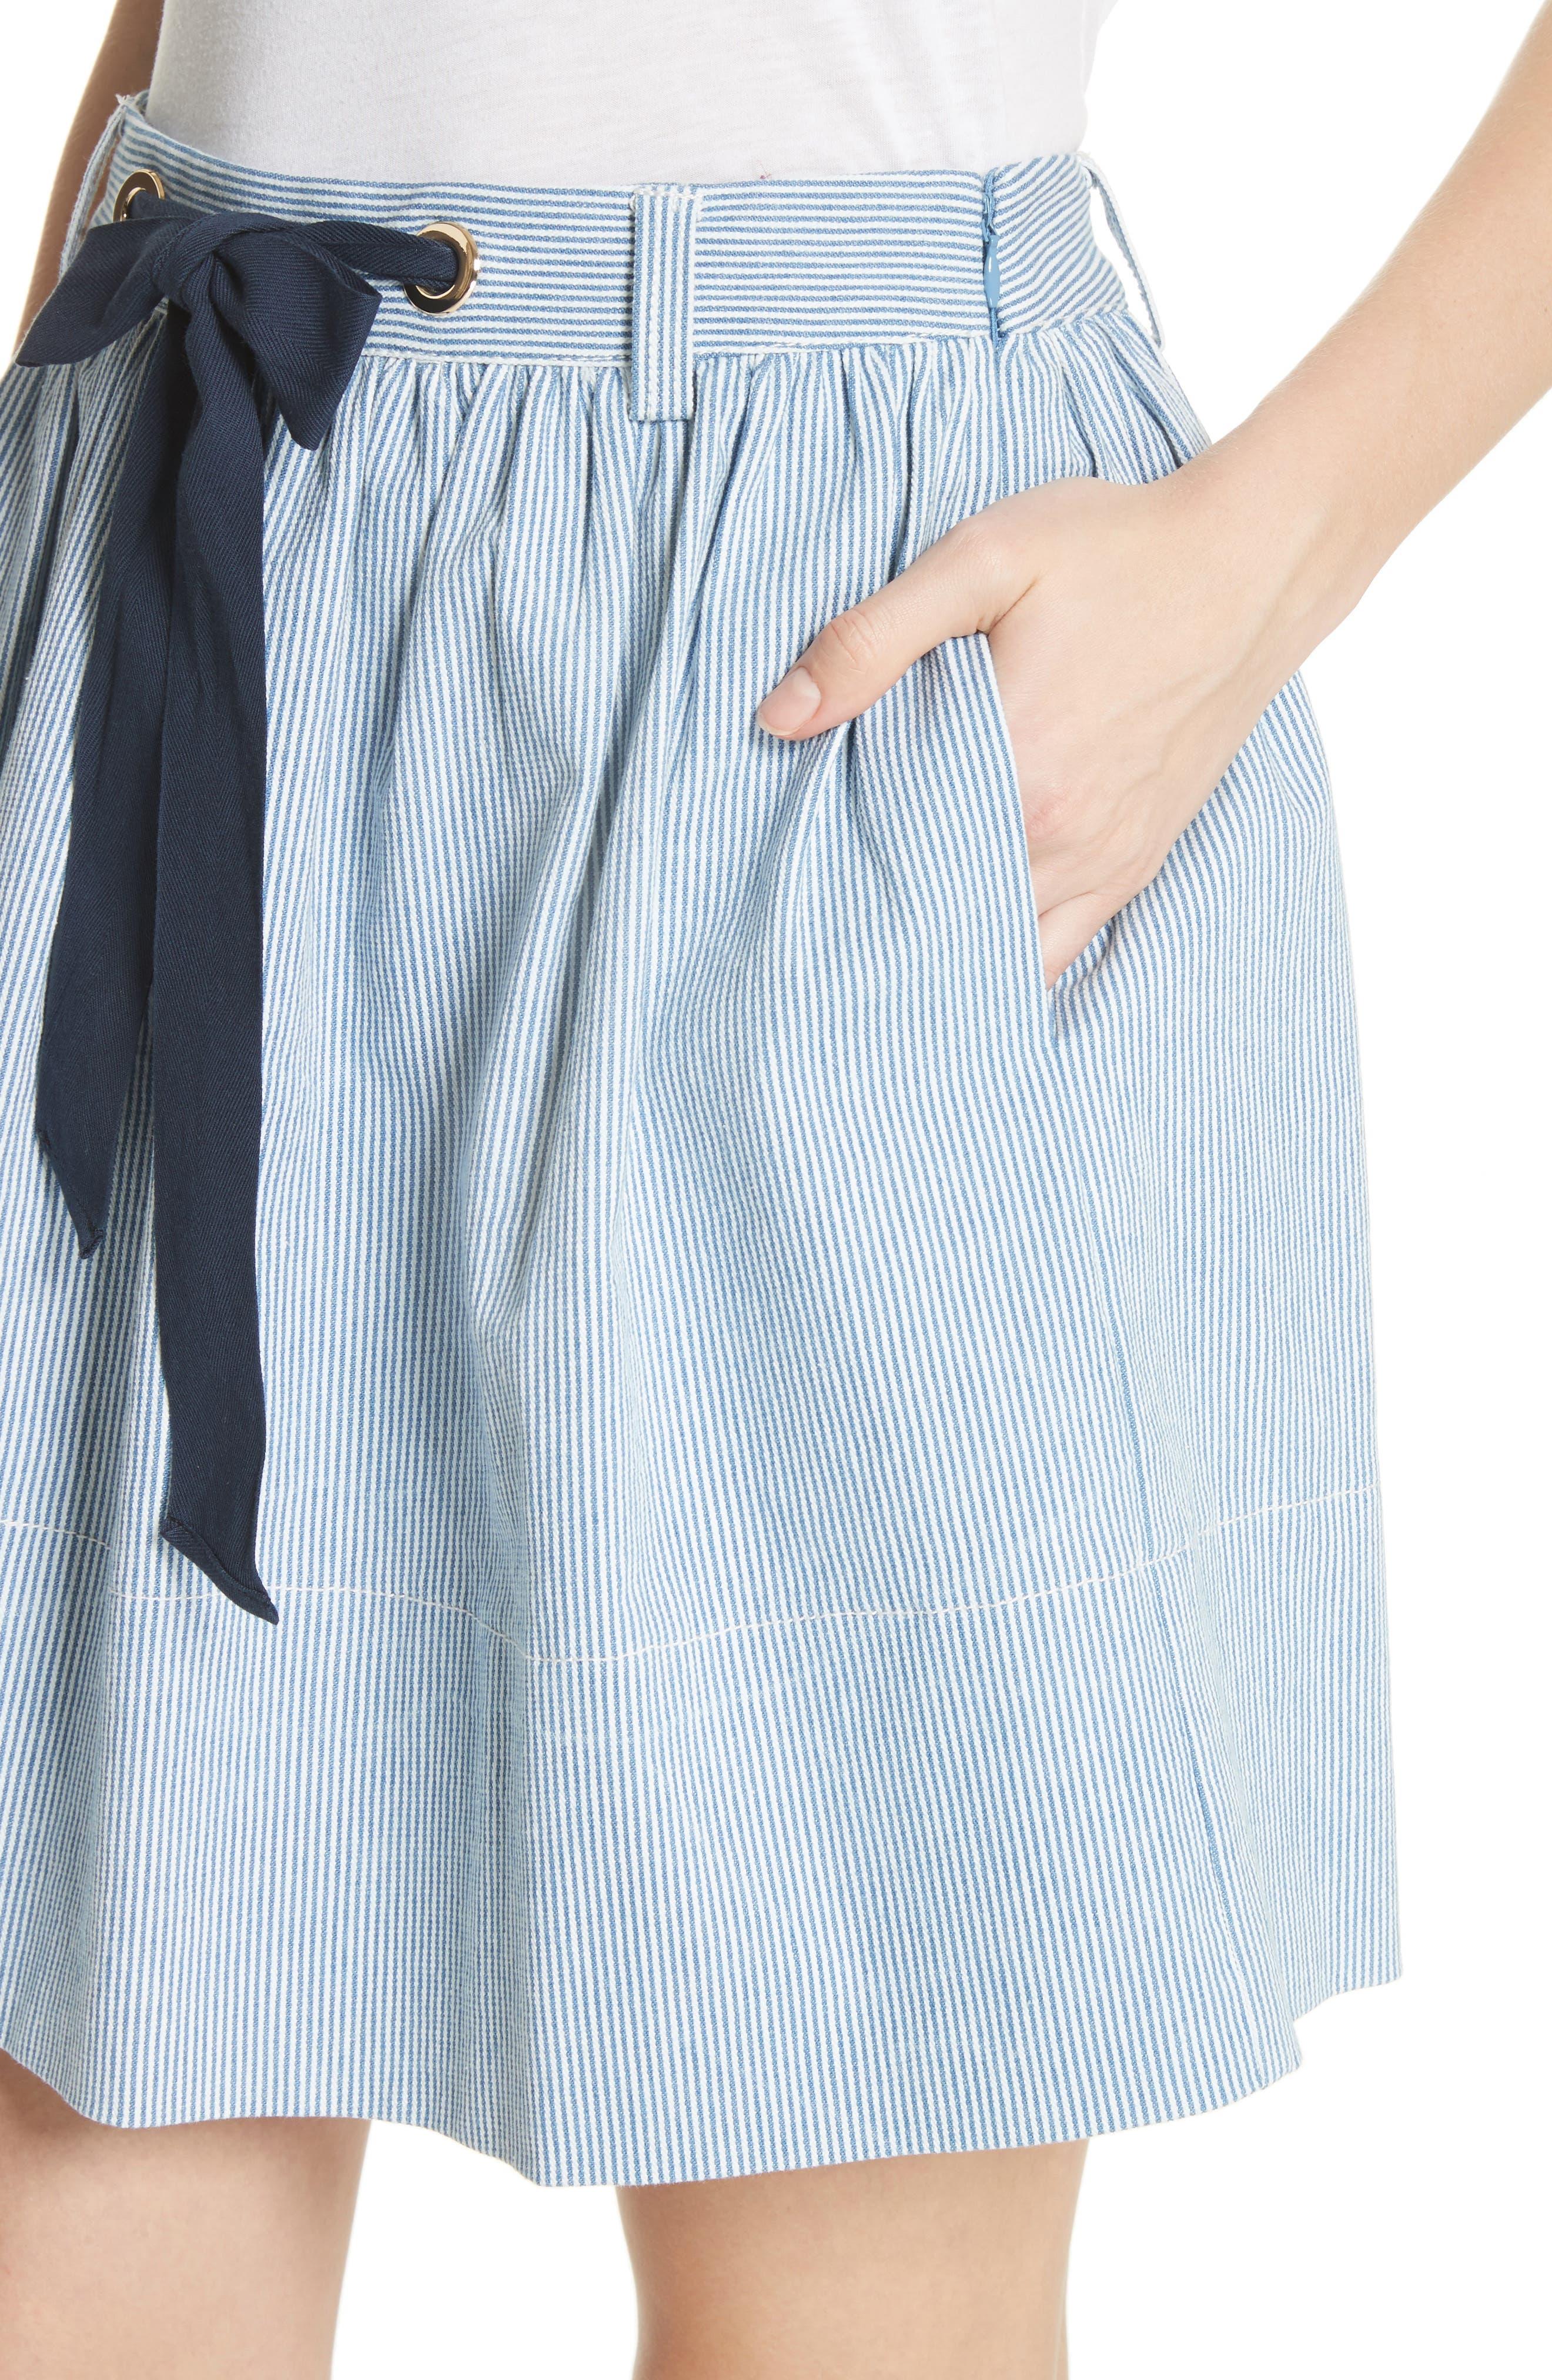 railroad stripe denim skirt,                             Alternate thumbnail 4, color,                             490